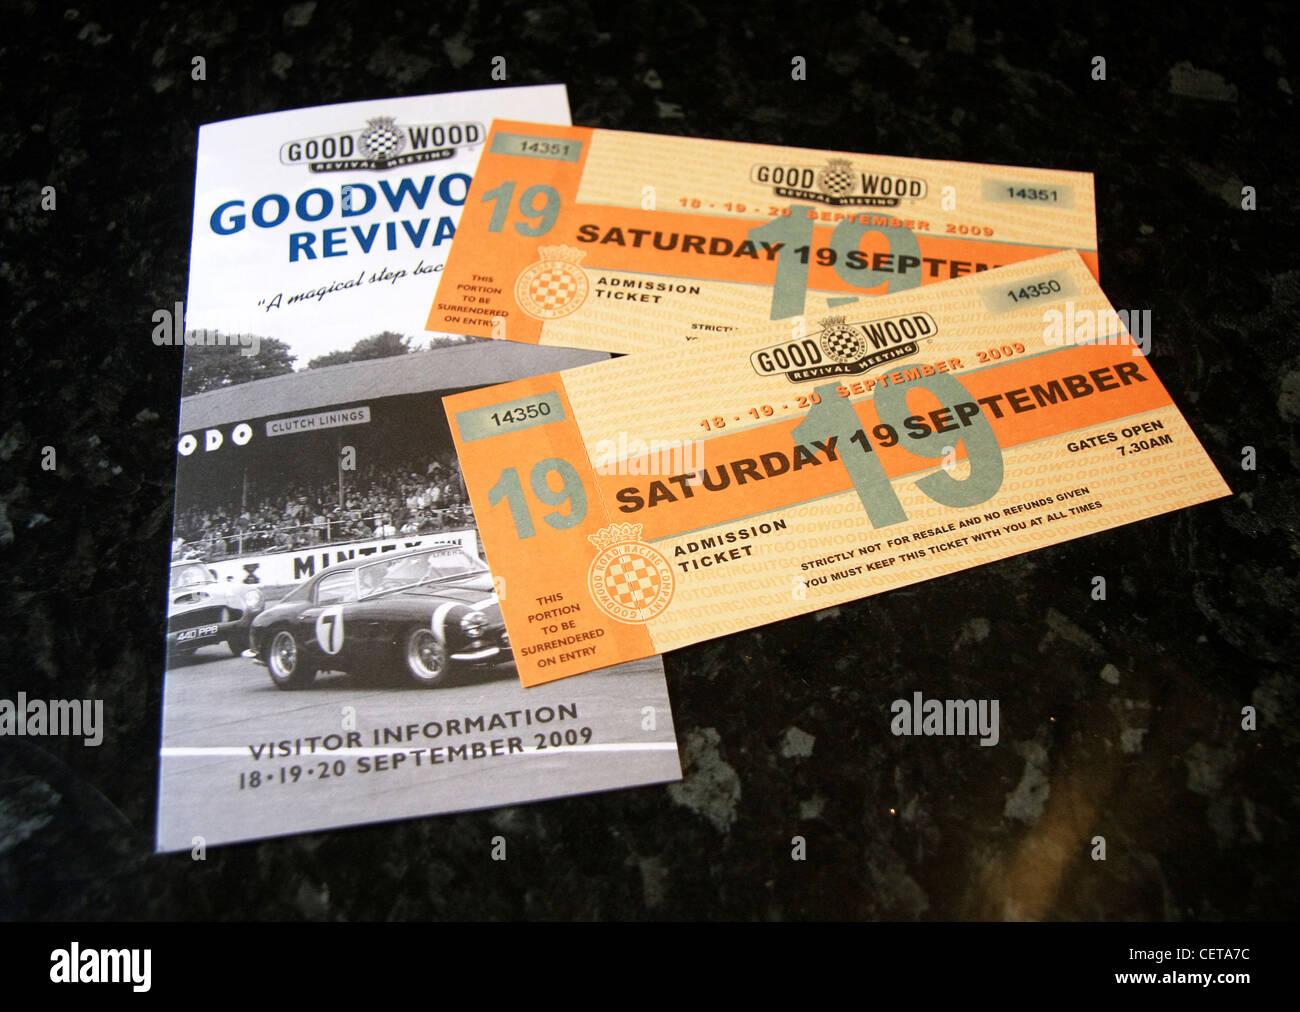 Billets à Goodwood Revival et brochure. Photo Stock